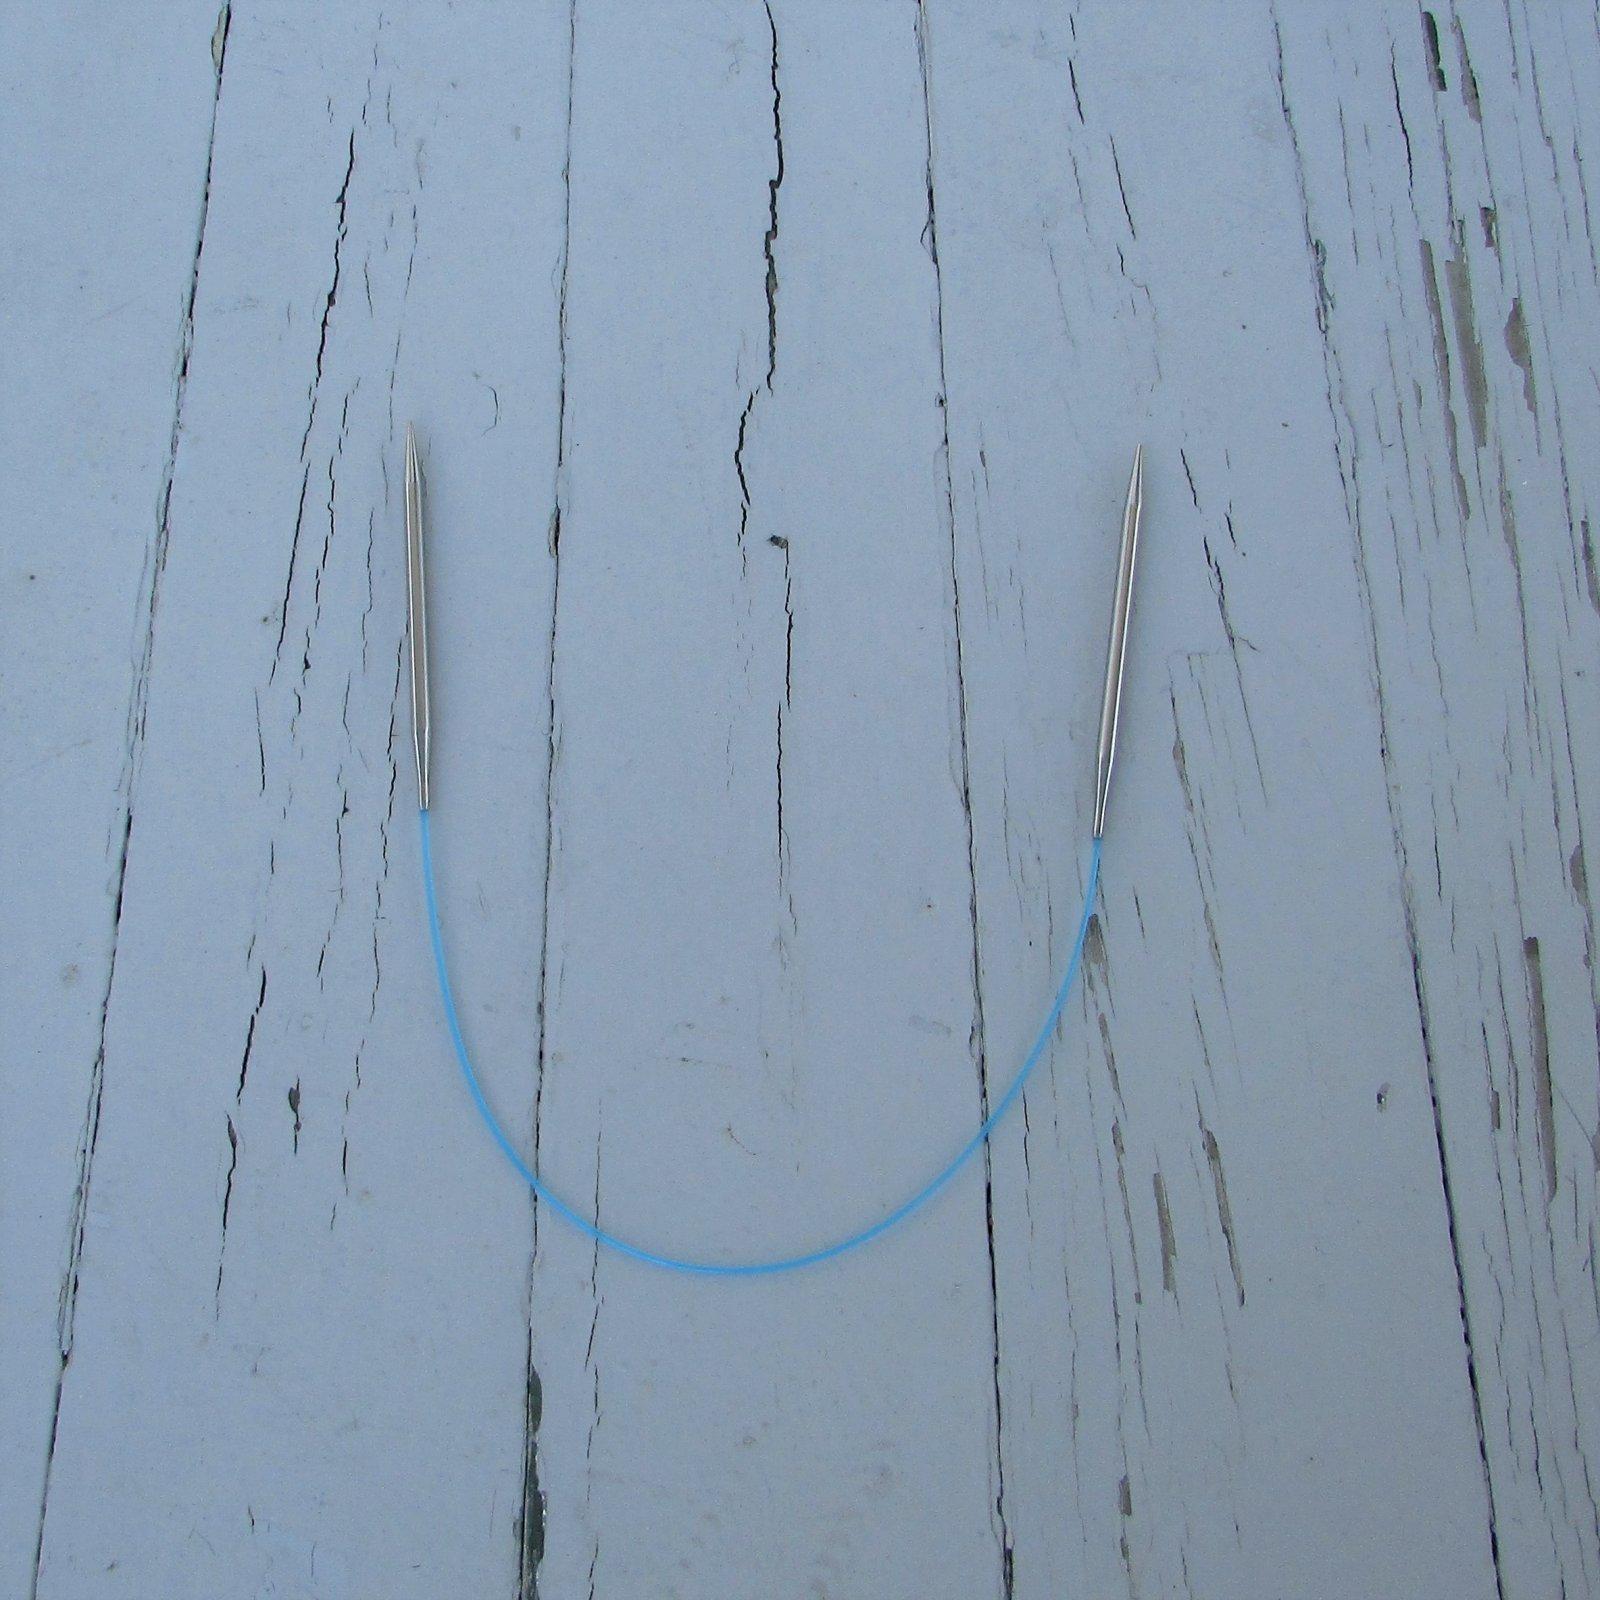 HiyaHiya Sharp Stainless Steel 16 Circular Needle